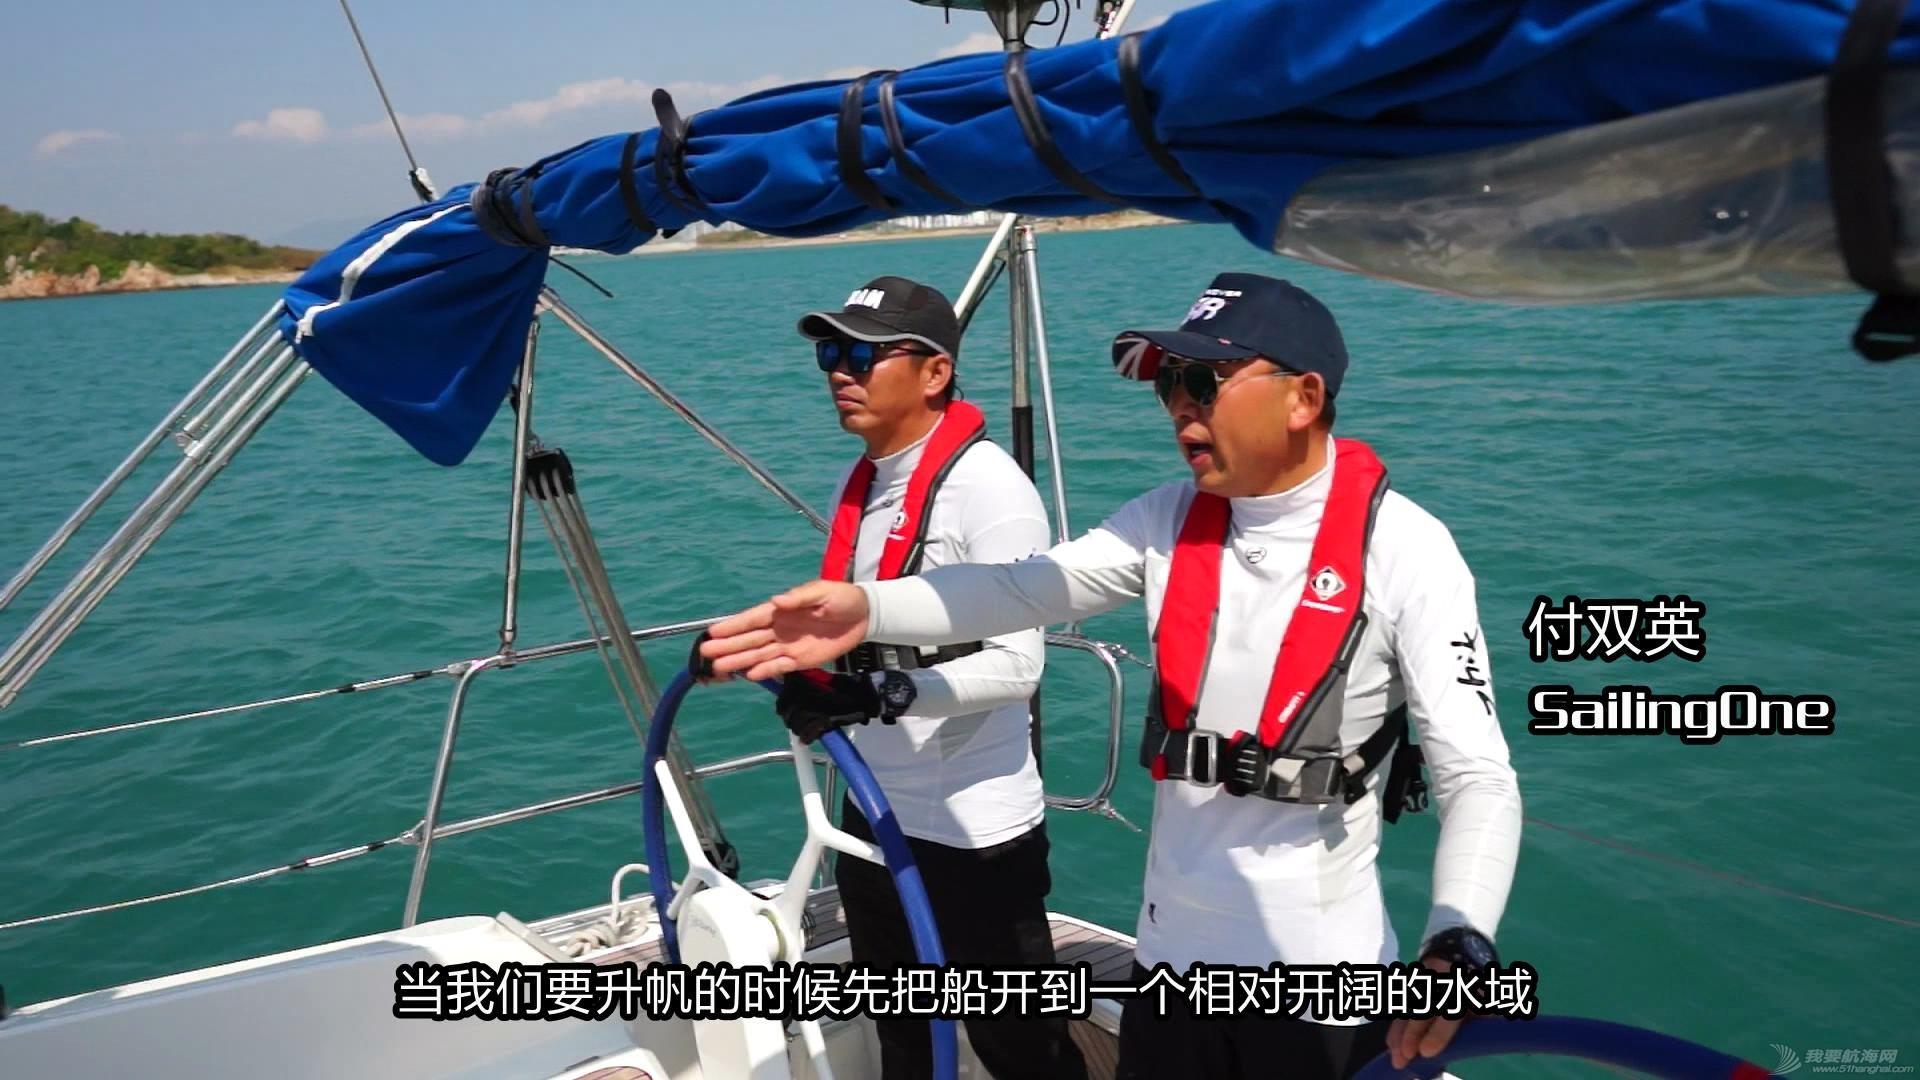 SailingOne帆船培训视频第三课《成为一名初级撩手》